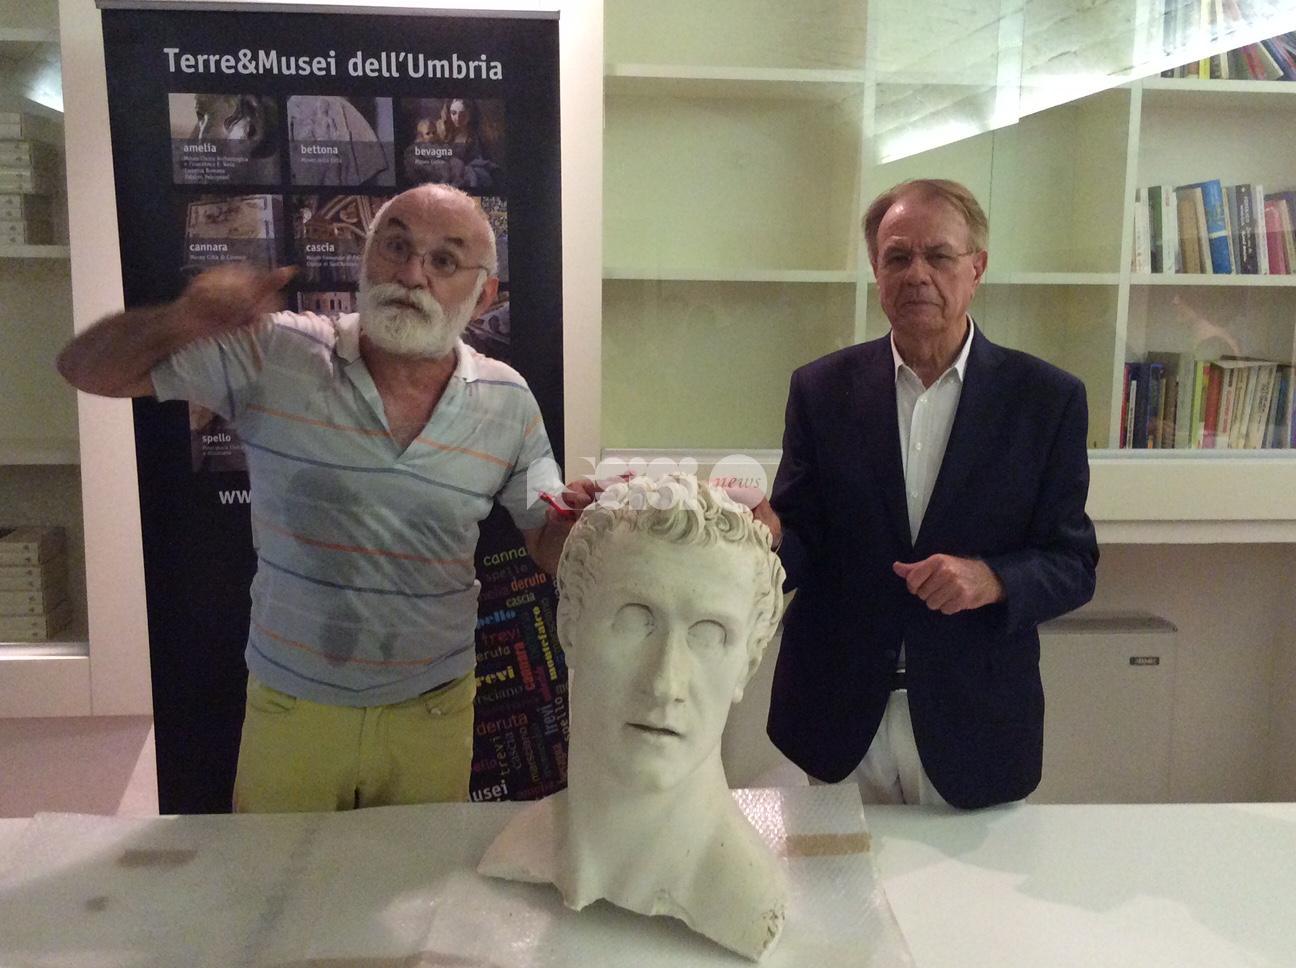 Antonio Canova, mezzo busto ritrovato a Bettona: esposto al Museo della città